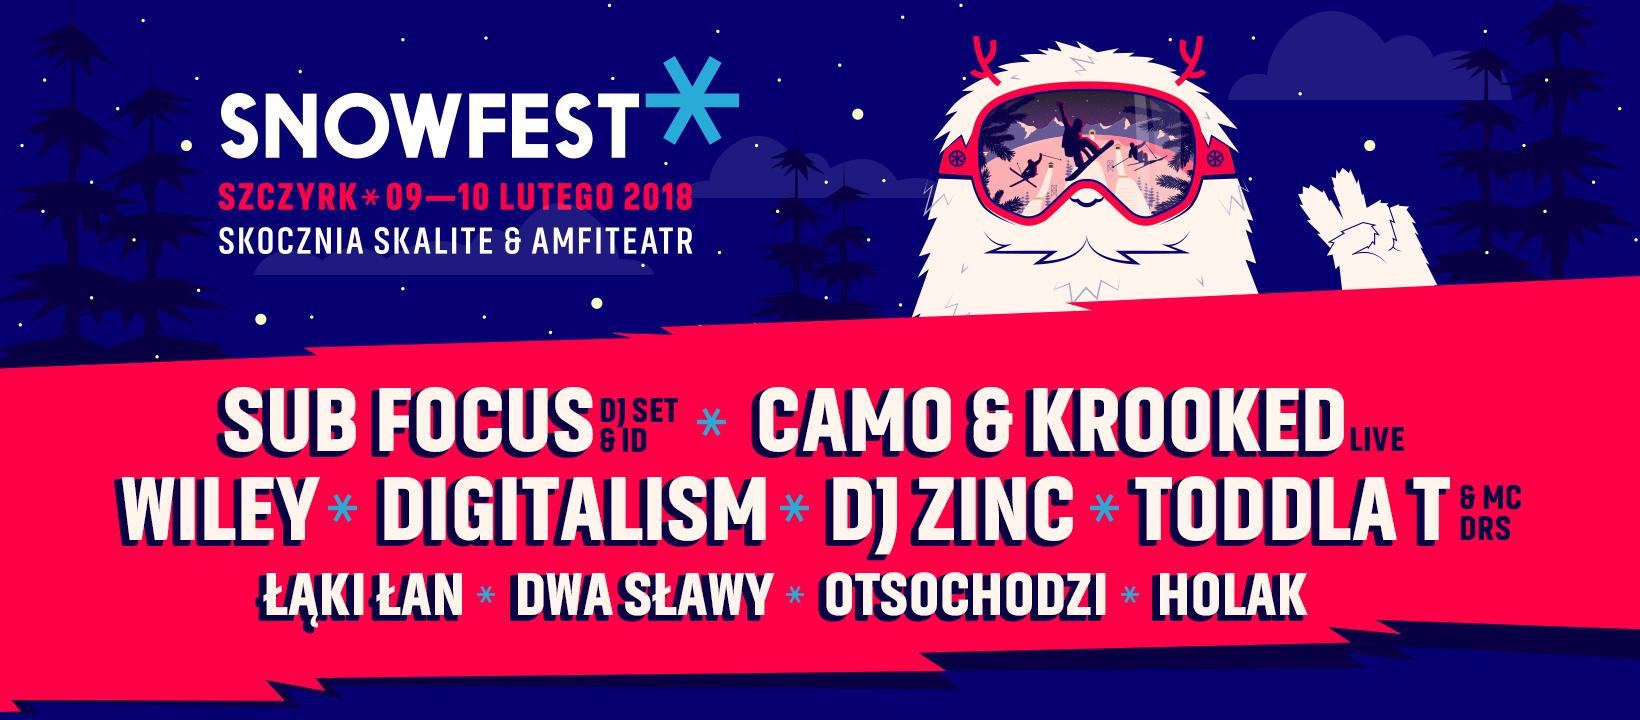 SnowFest 2018 || Poznaliśmy kolejnych artystów!